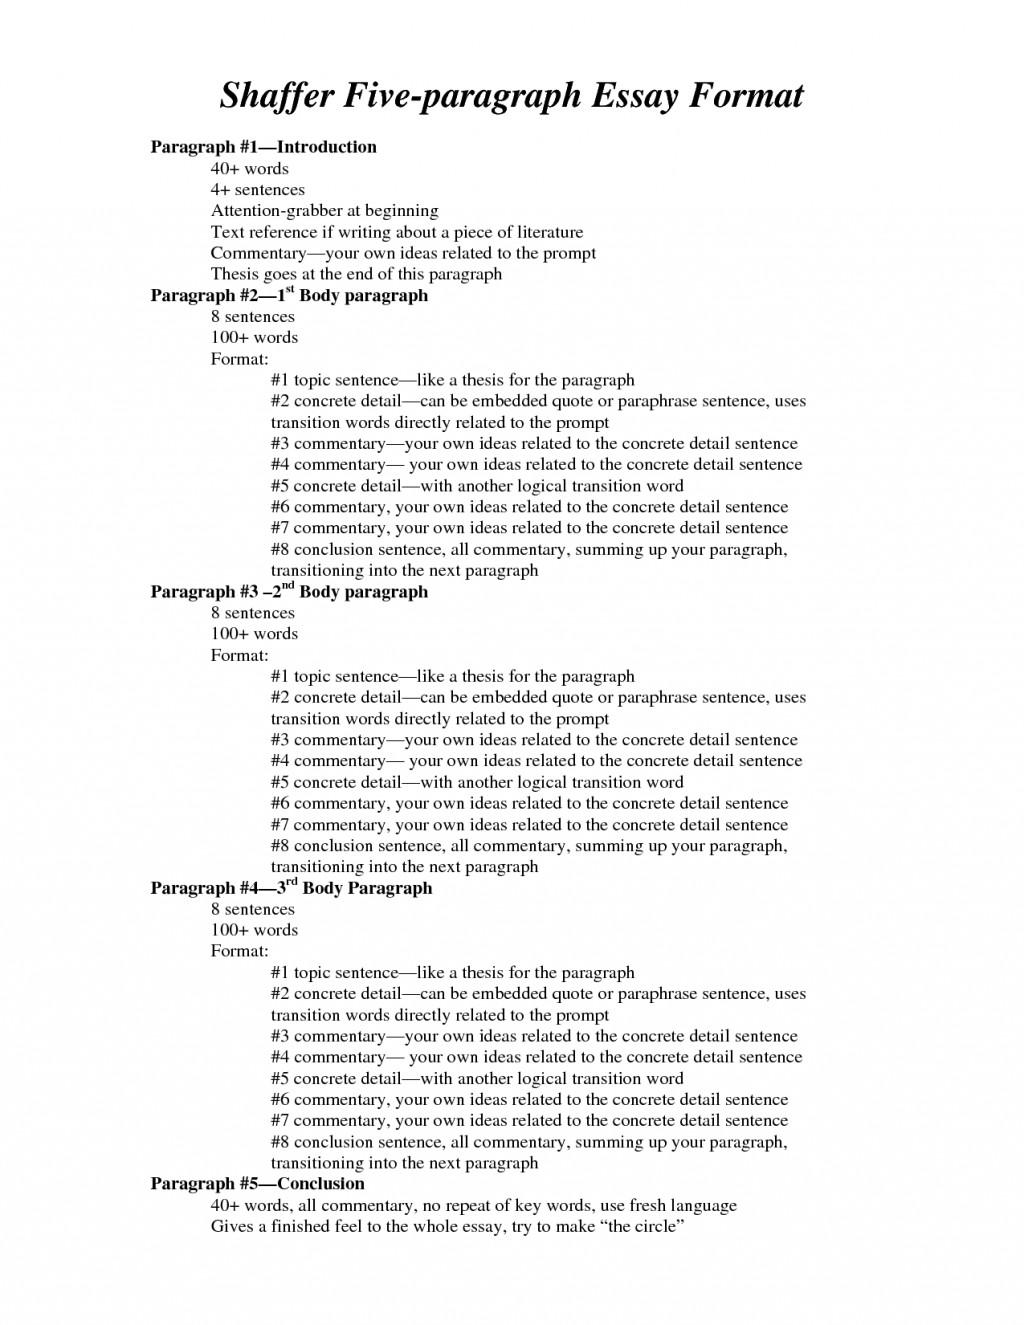 008 Essay Style Hhb6viknez Amazing Styles Of Communication Music Writing Guide Large